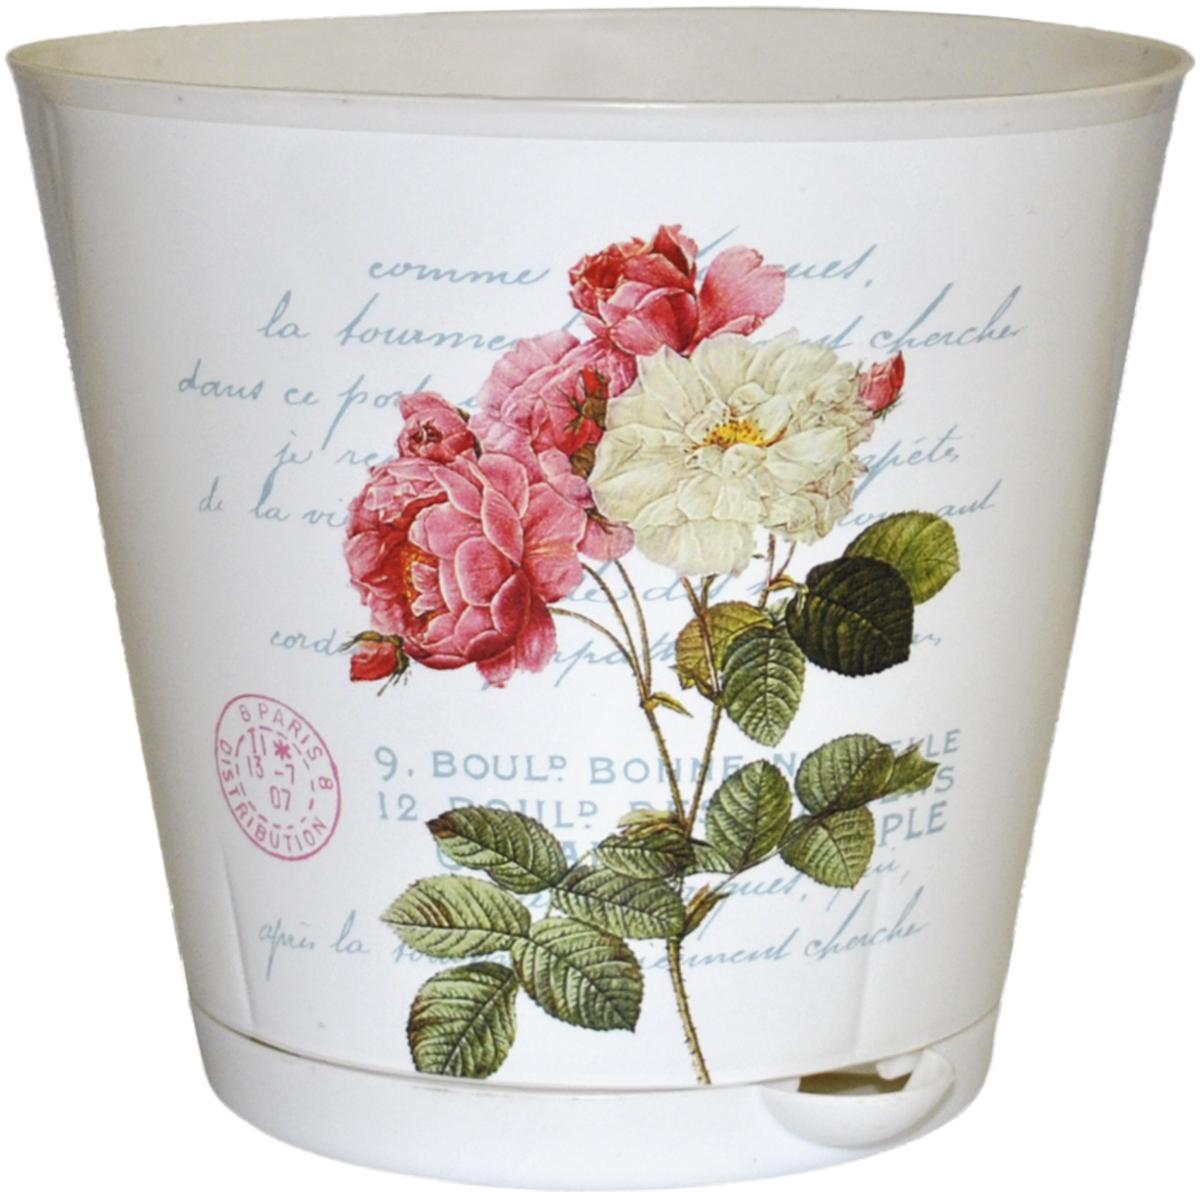 Горшок для цветов InGreen Крит. Прованс, с системой прикорневого полива, диаметр 20 см ingreen горшок для цветов крит d 200 mm с системой прикорневого полива 3 6л белый ирис